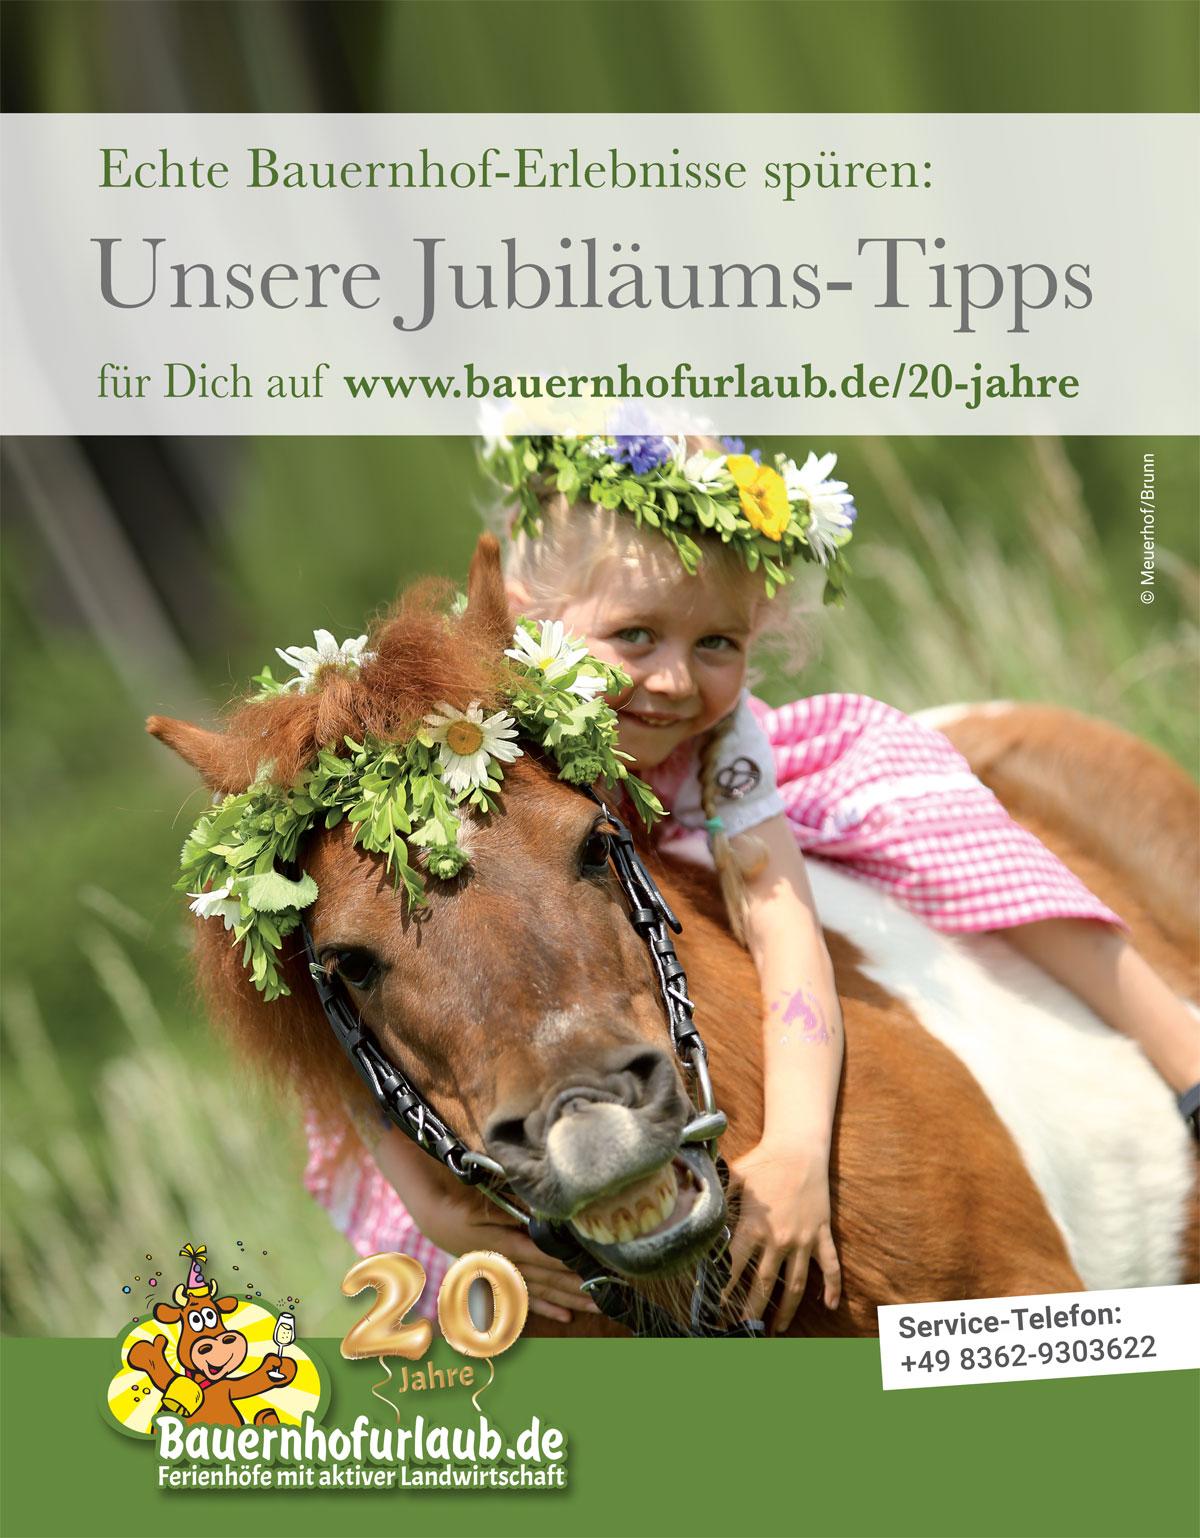 Anzeige Jubiläum- 20 Jahre Bauernhofurlaub.de